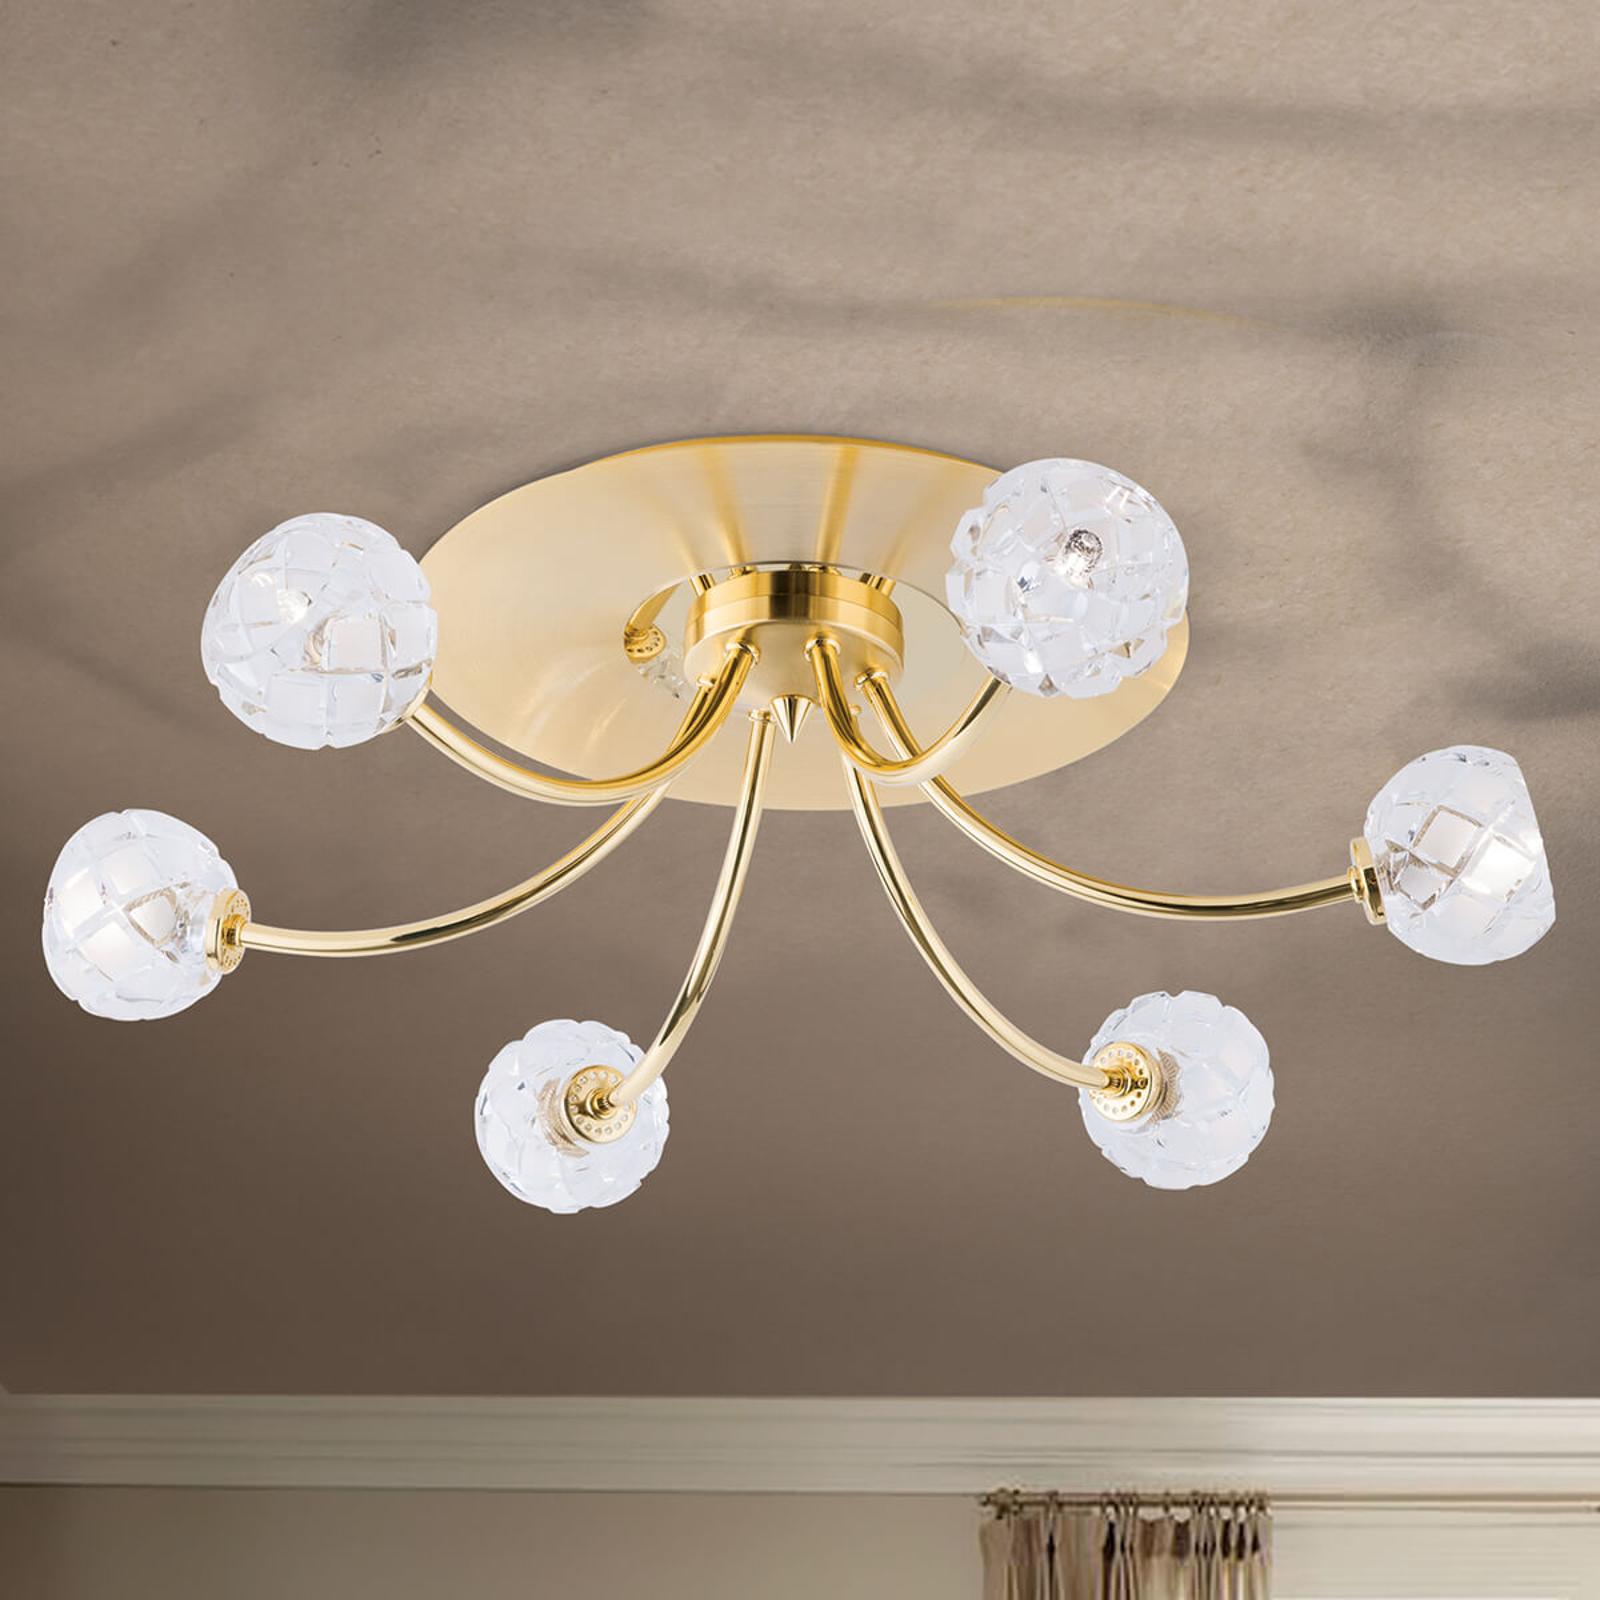 Lampa sufitowa z kryształami Maderno, złota, 57cm